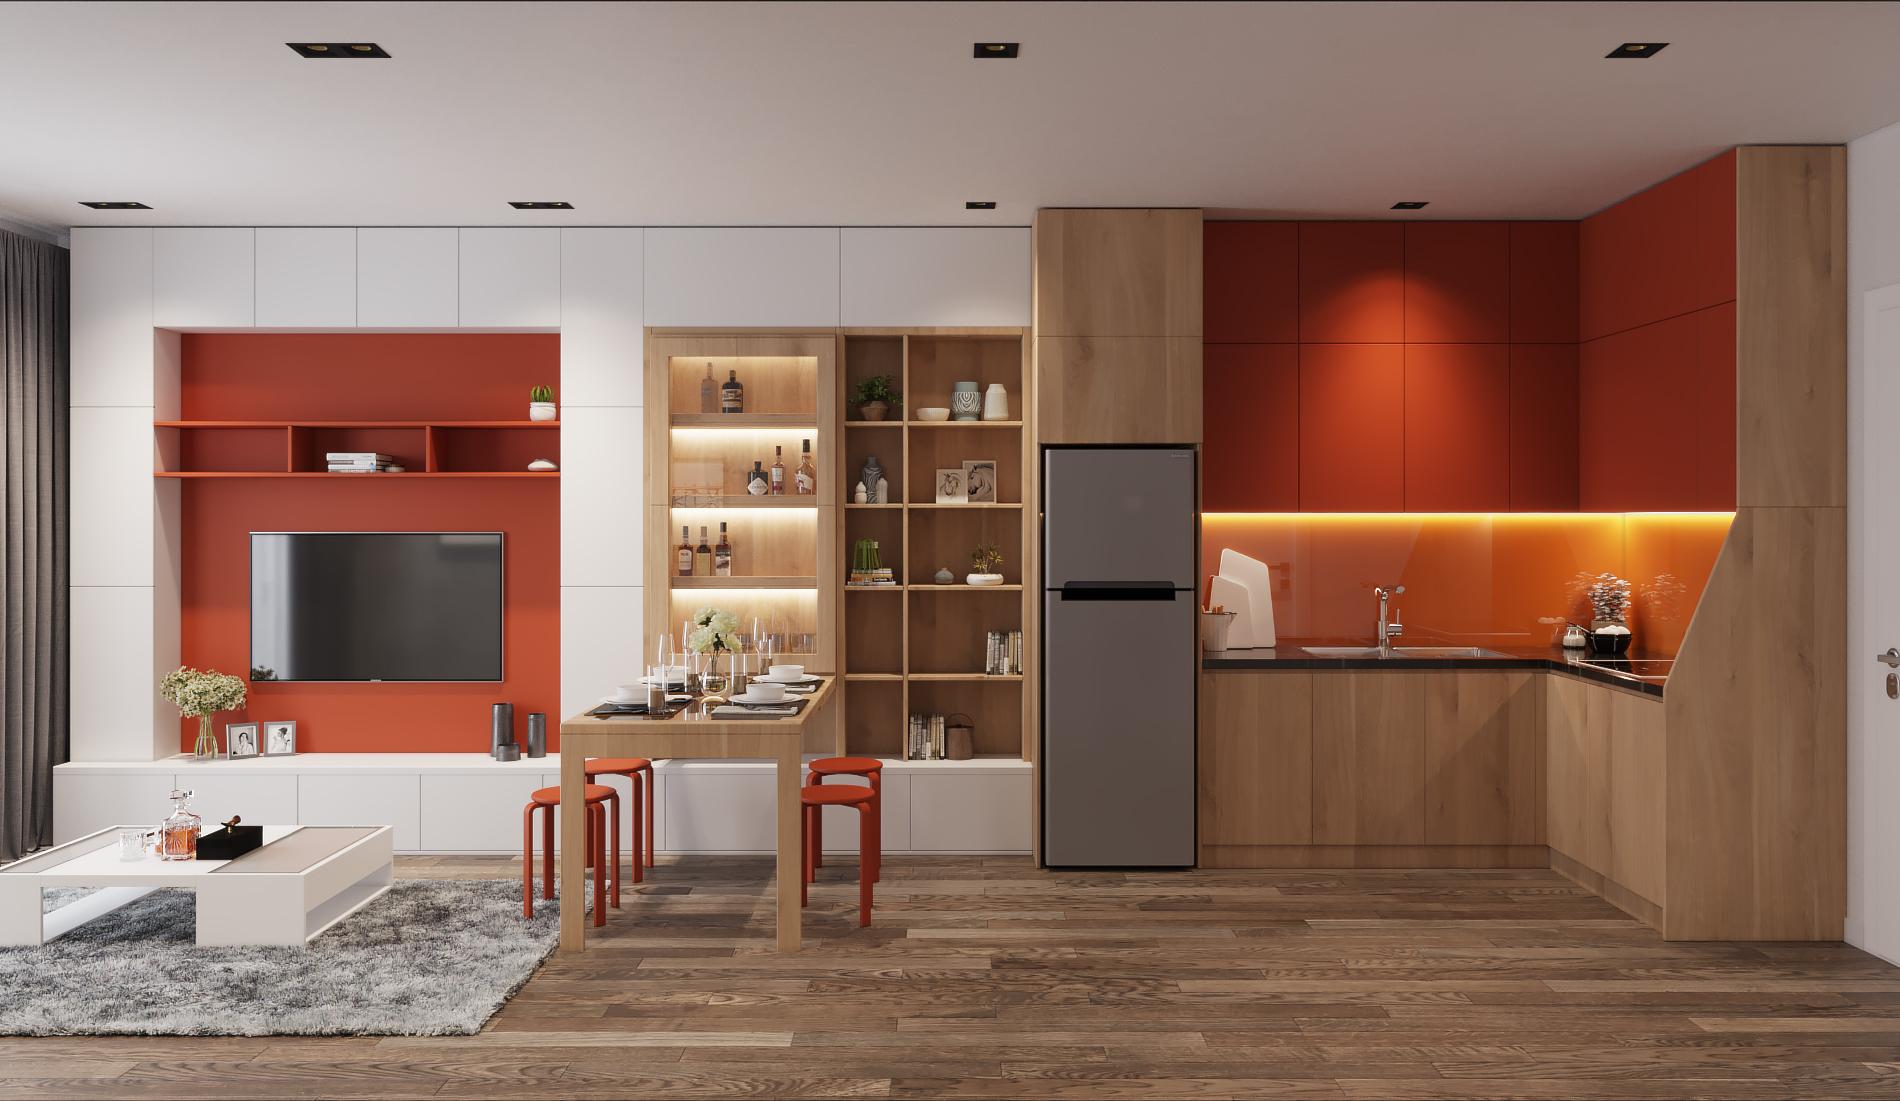 Những mẫu bếp màu gỗ luôn mang lại cho không gian vẻ đẹp thanh lịch và hiện đại.